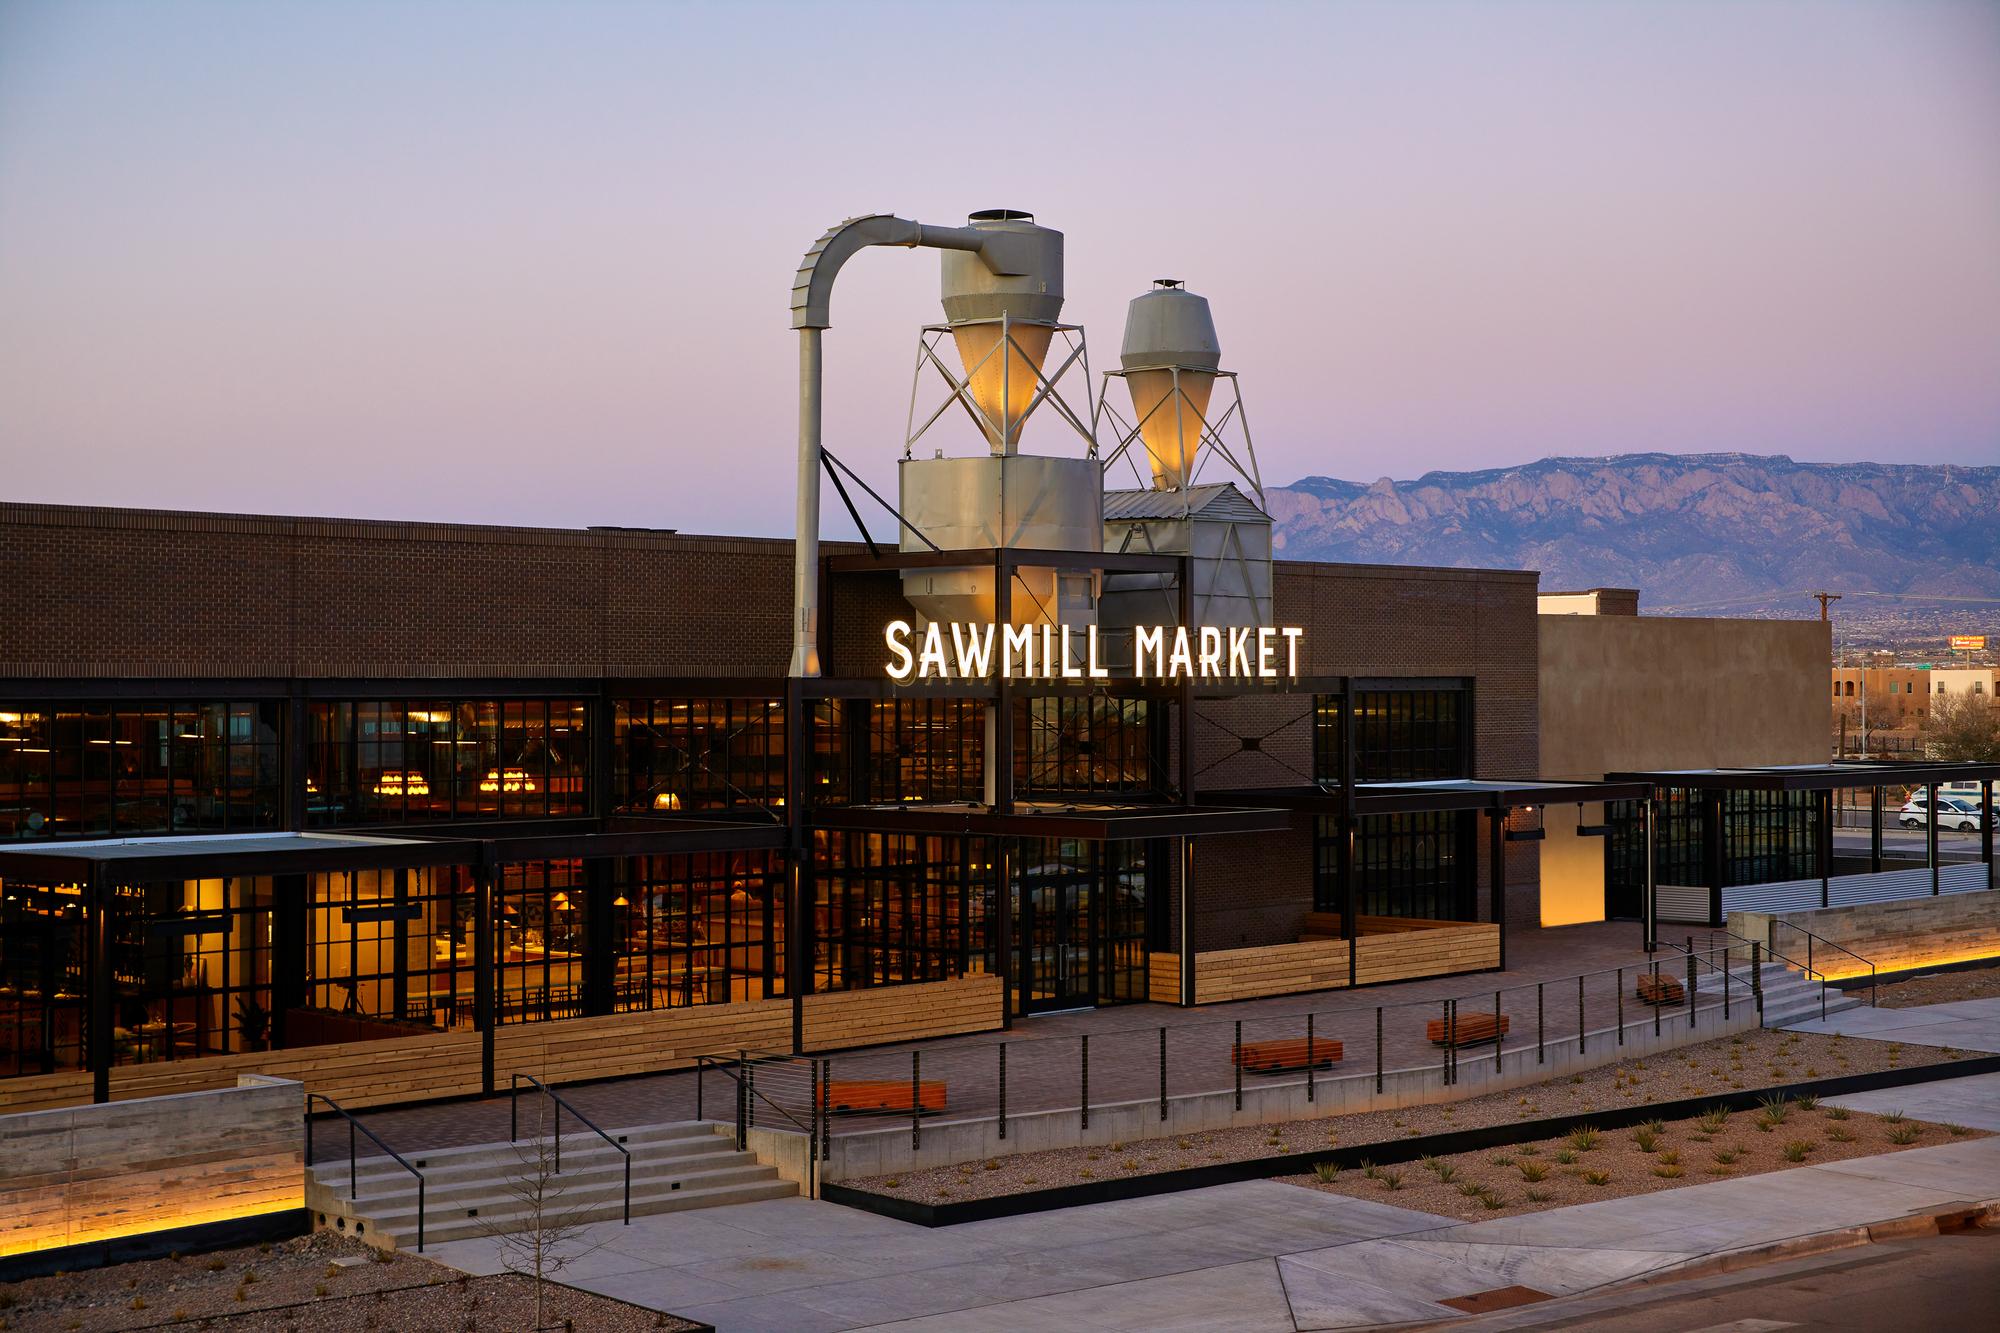 Sawmill Market / API Plus + Islyn Studio - RapidAPI